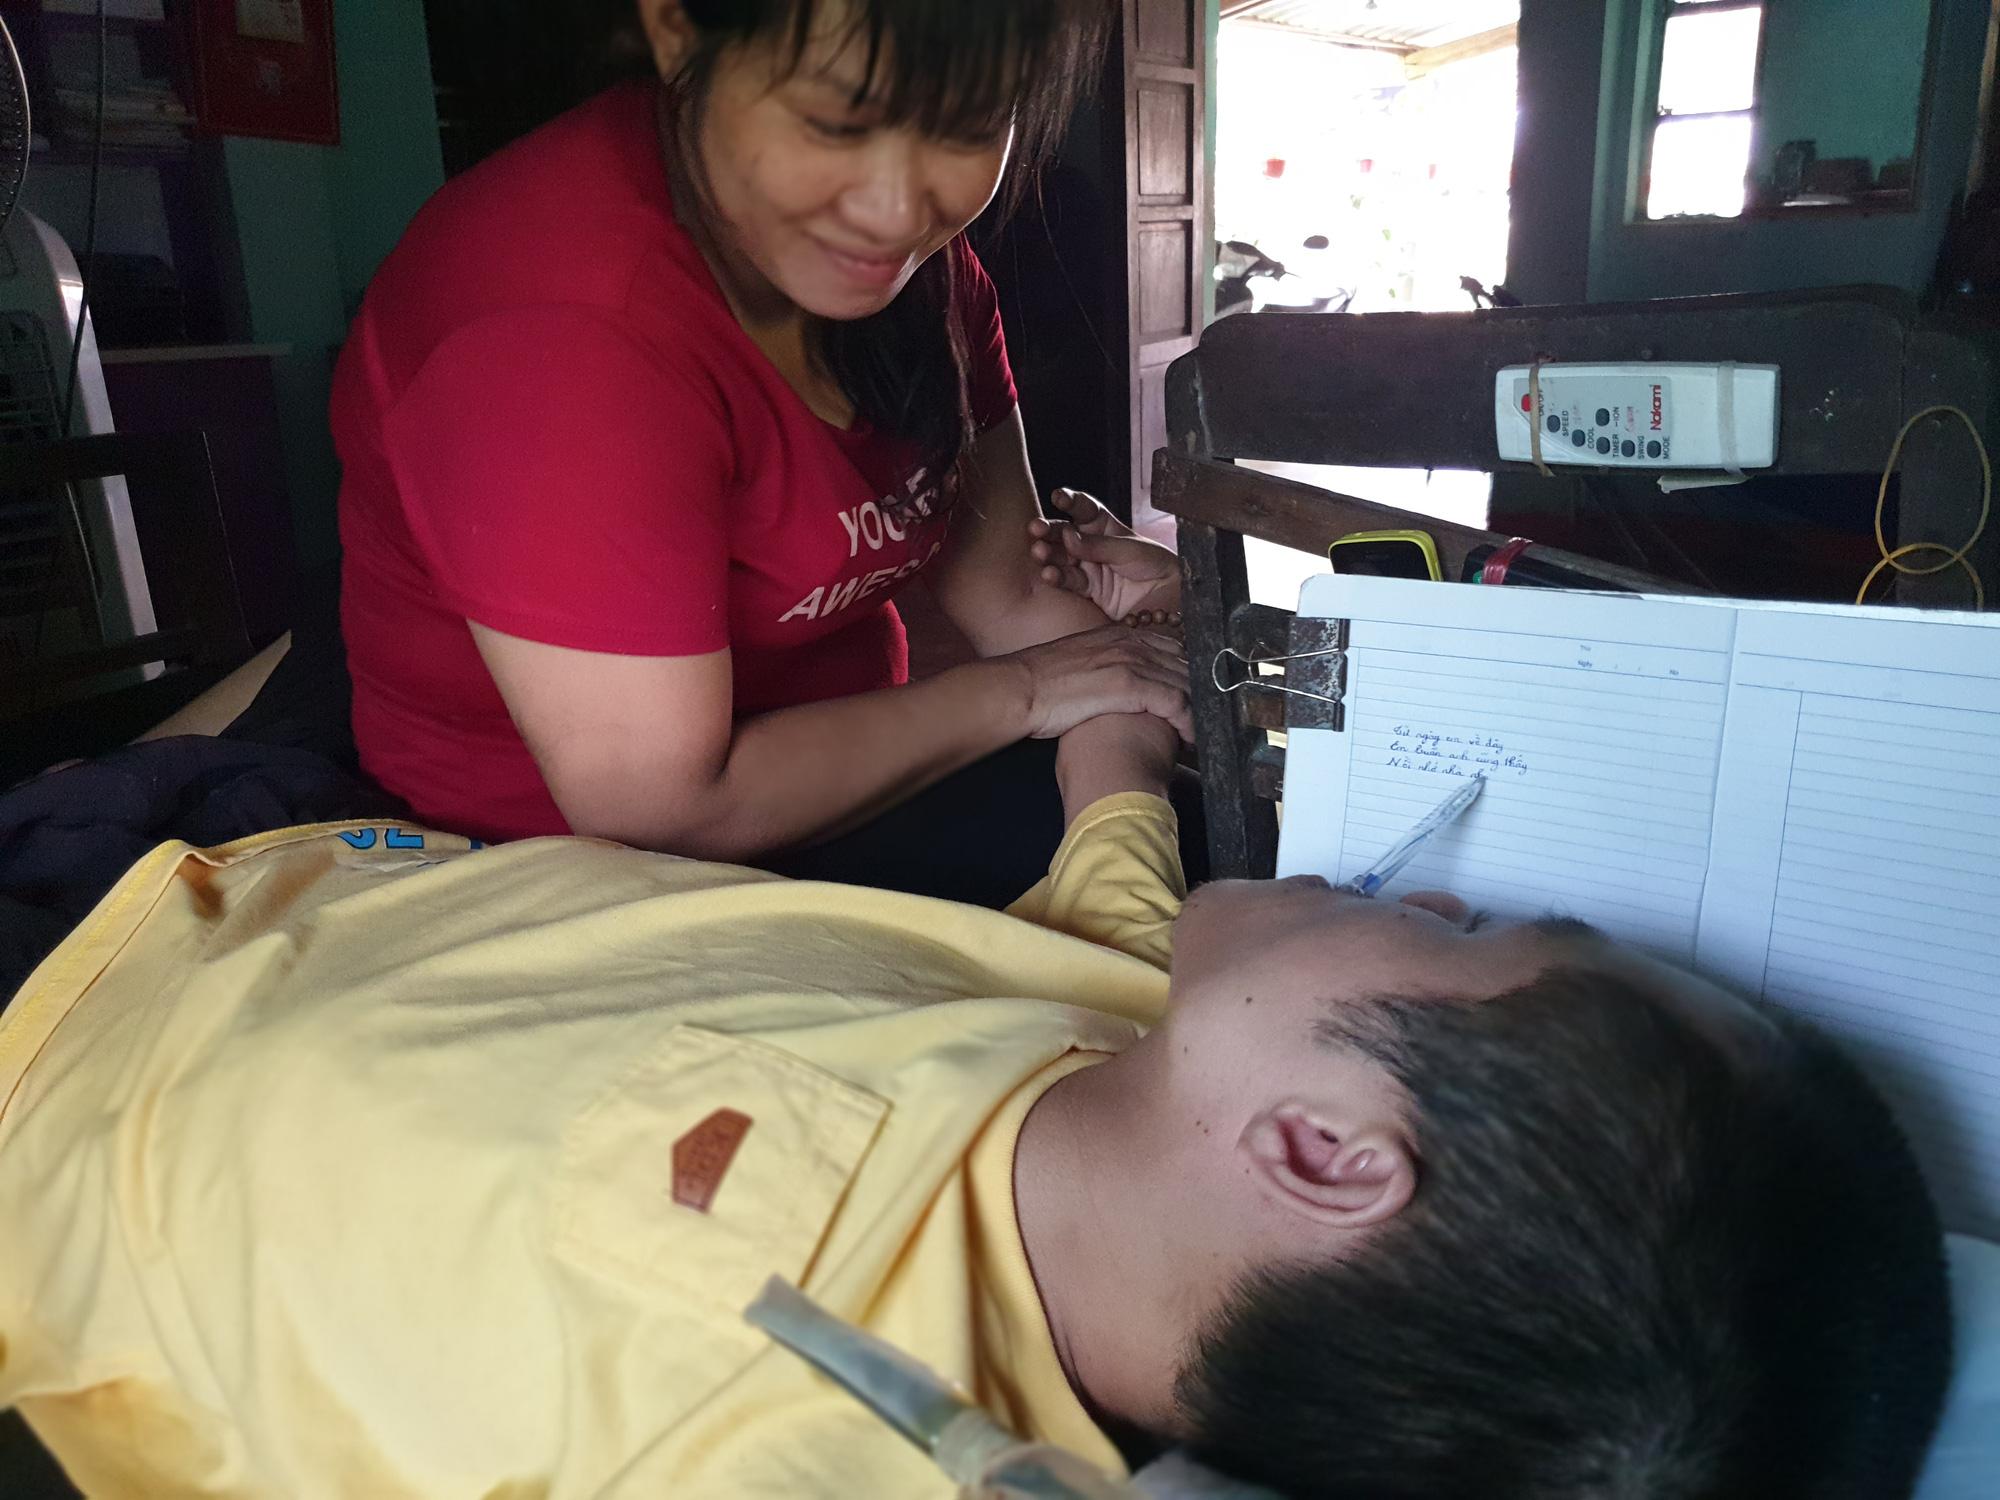 Cảm thông hoàn cảnh của anh Phạm Sỹ Long, chị Võ Thị Hồng Thu đã vượt hơn 1.500km để chăm sóc anh. Ảnh: Sơn Nguyễn.